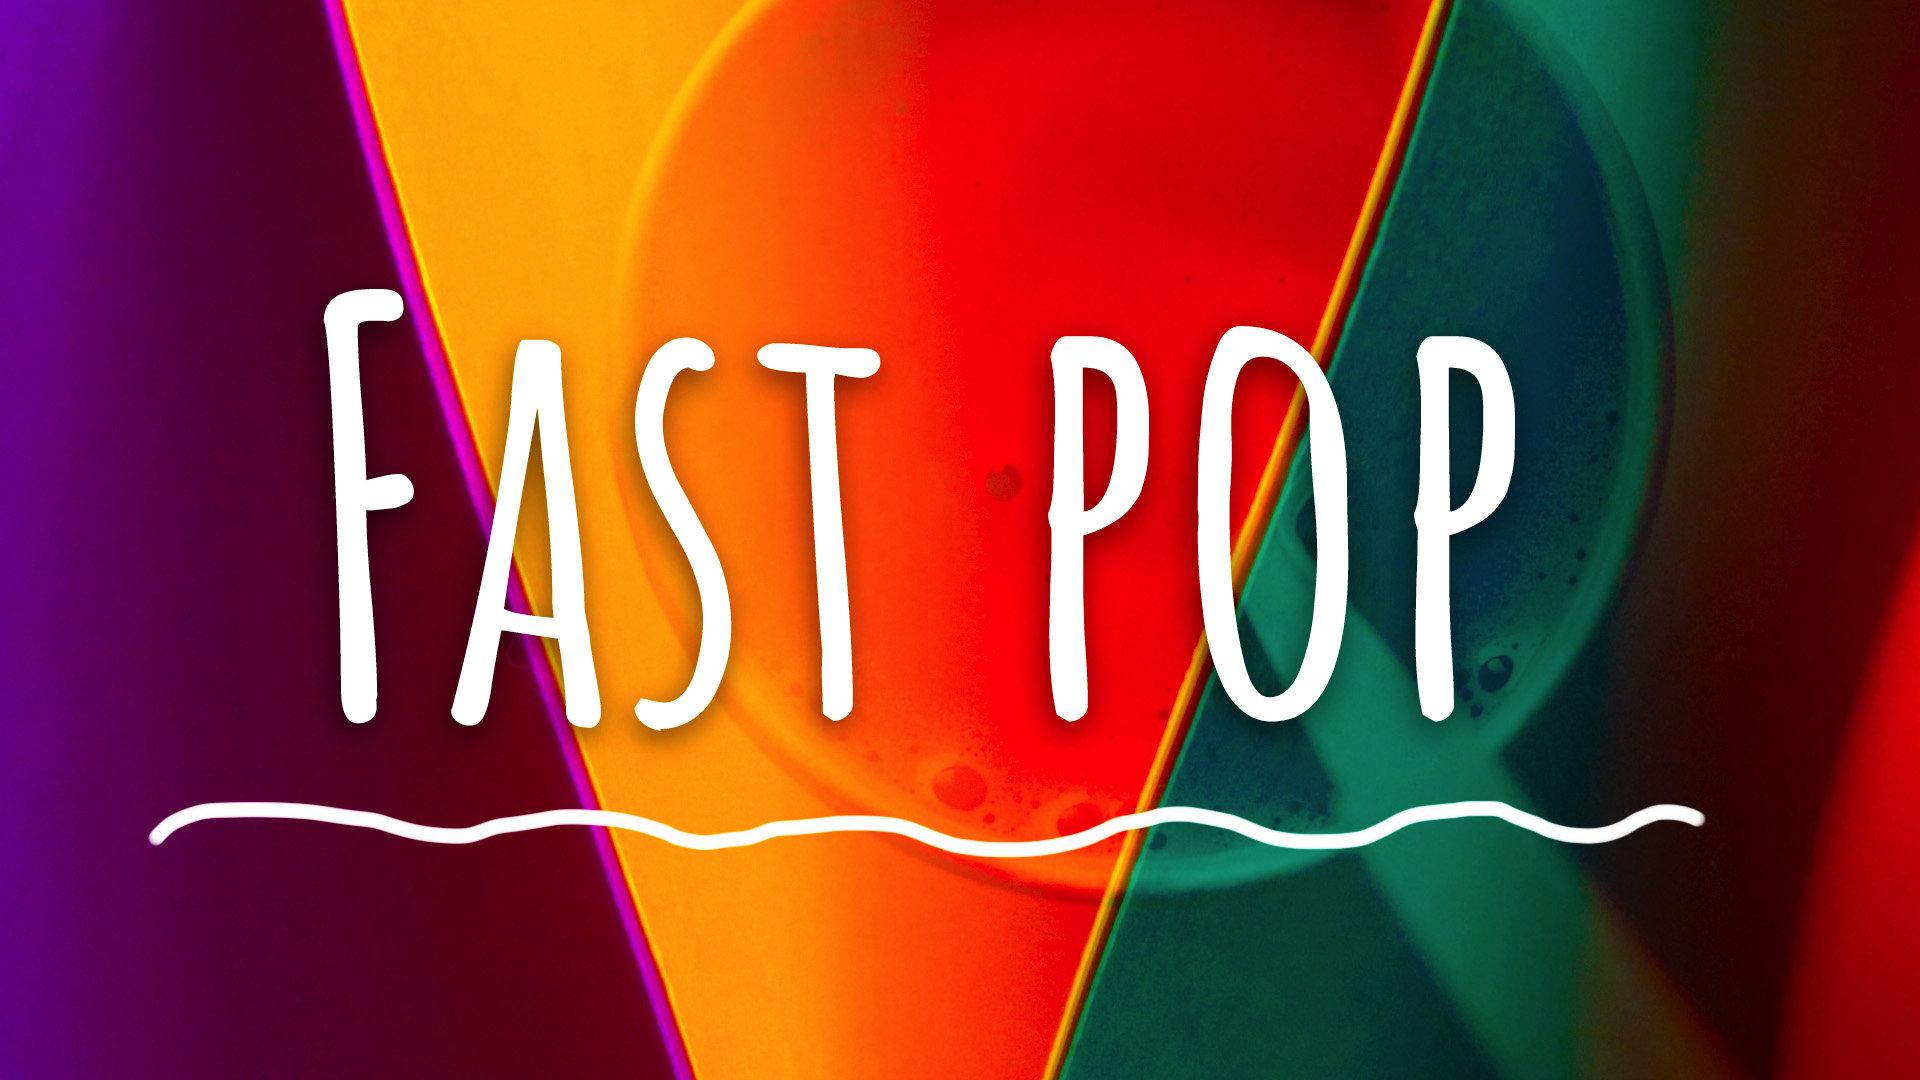 Fast Pop Opener